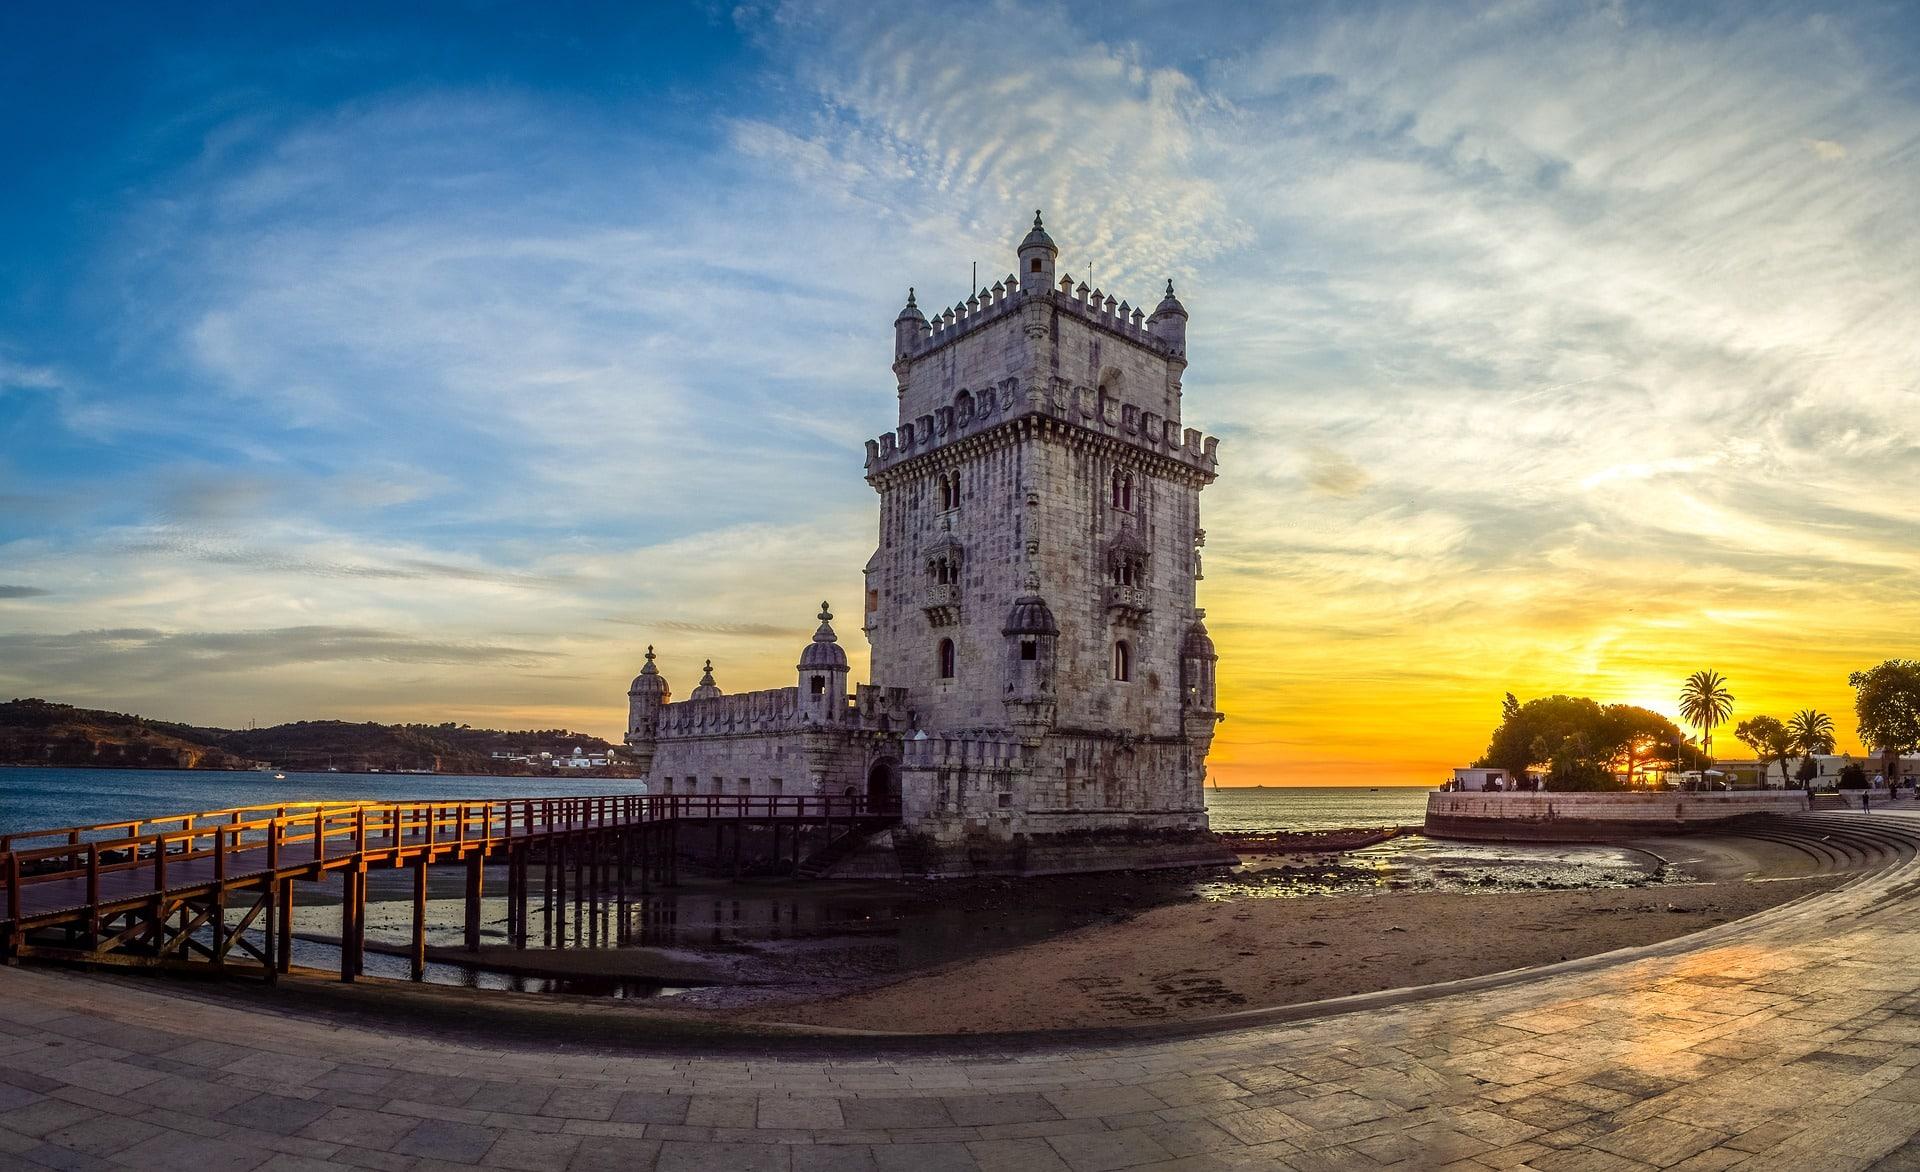 Lissabon Sehenswürdigkeiten Sightseeing Lissabon